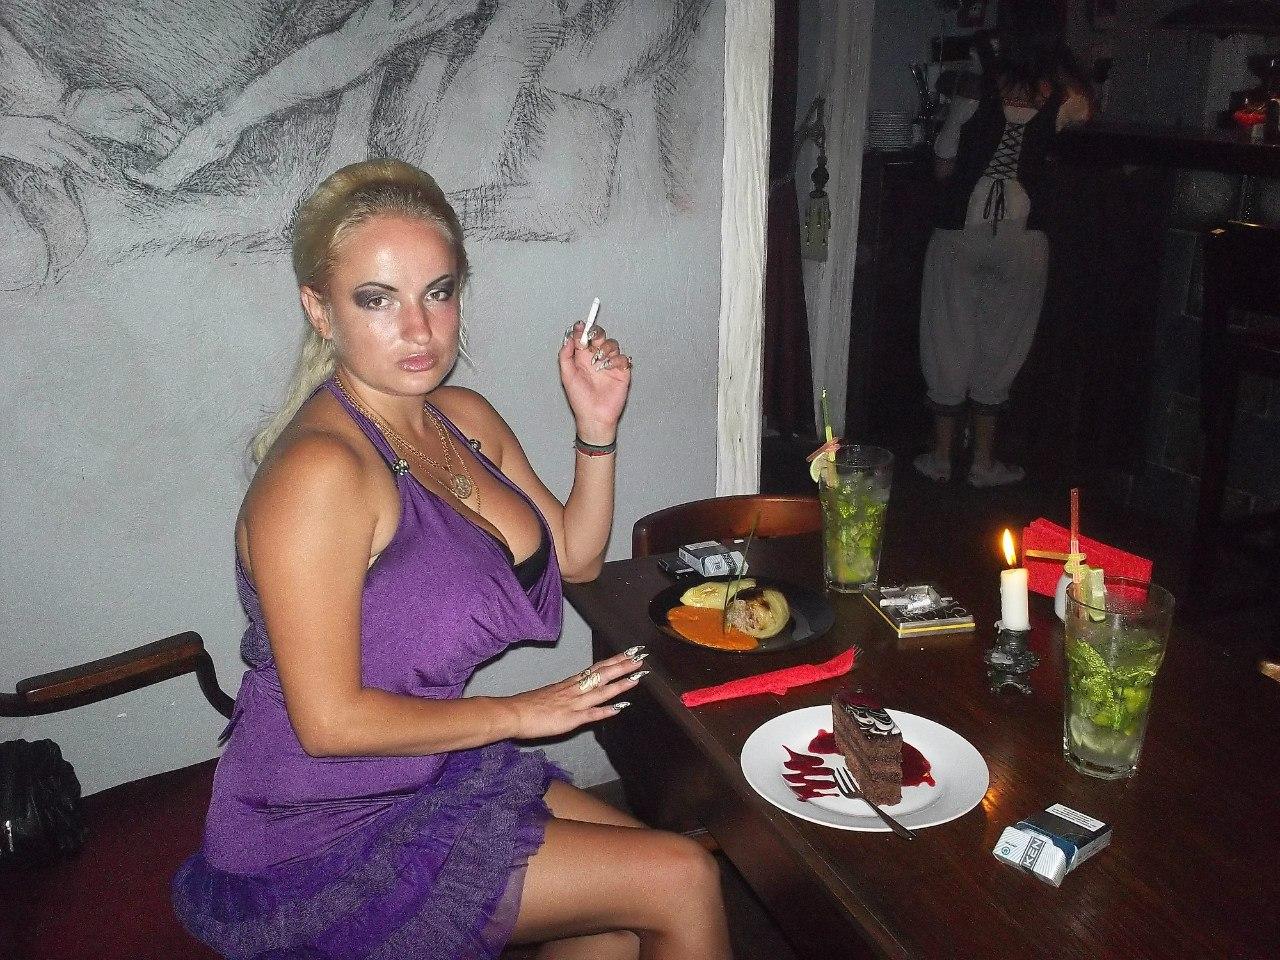 Елена Руденко.Украина. Львов. Лето 2012. ( фото ) GfUb9drrepk